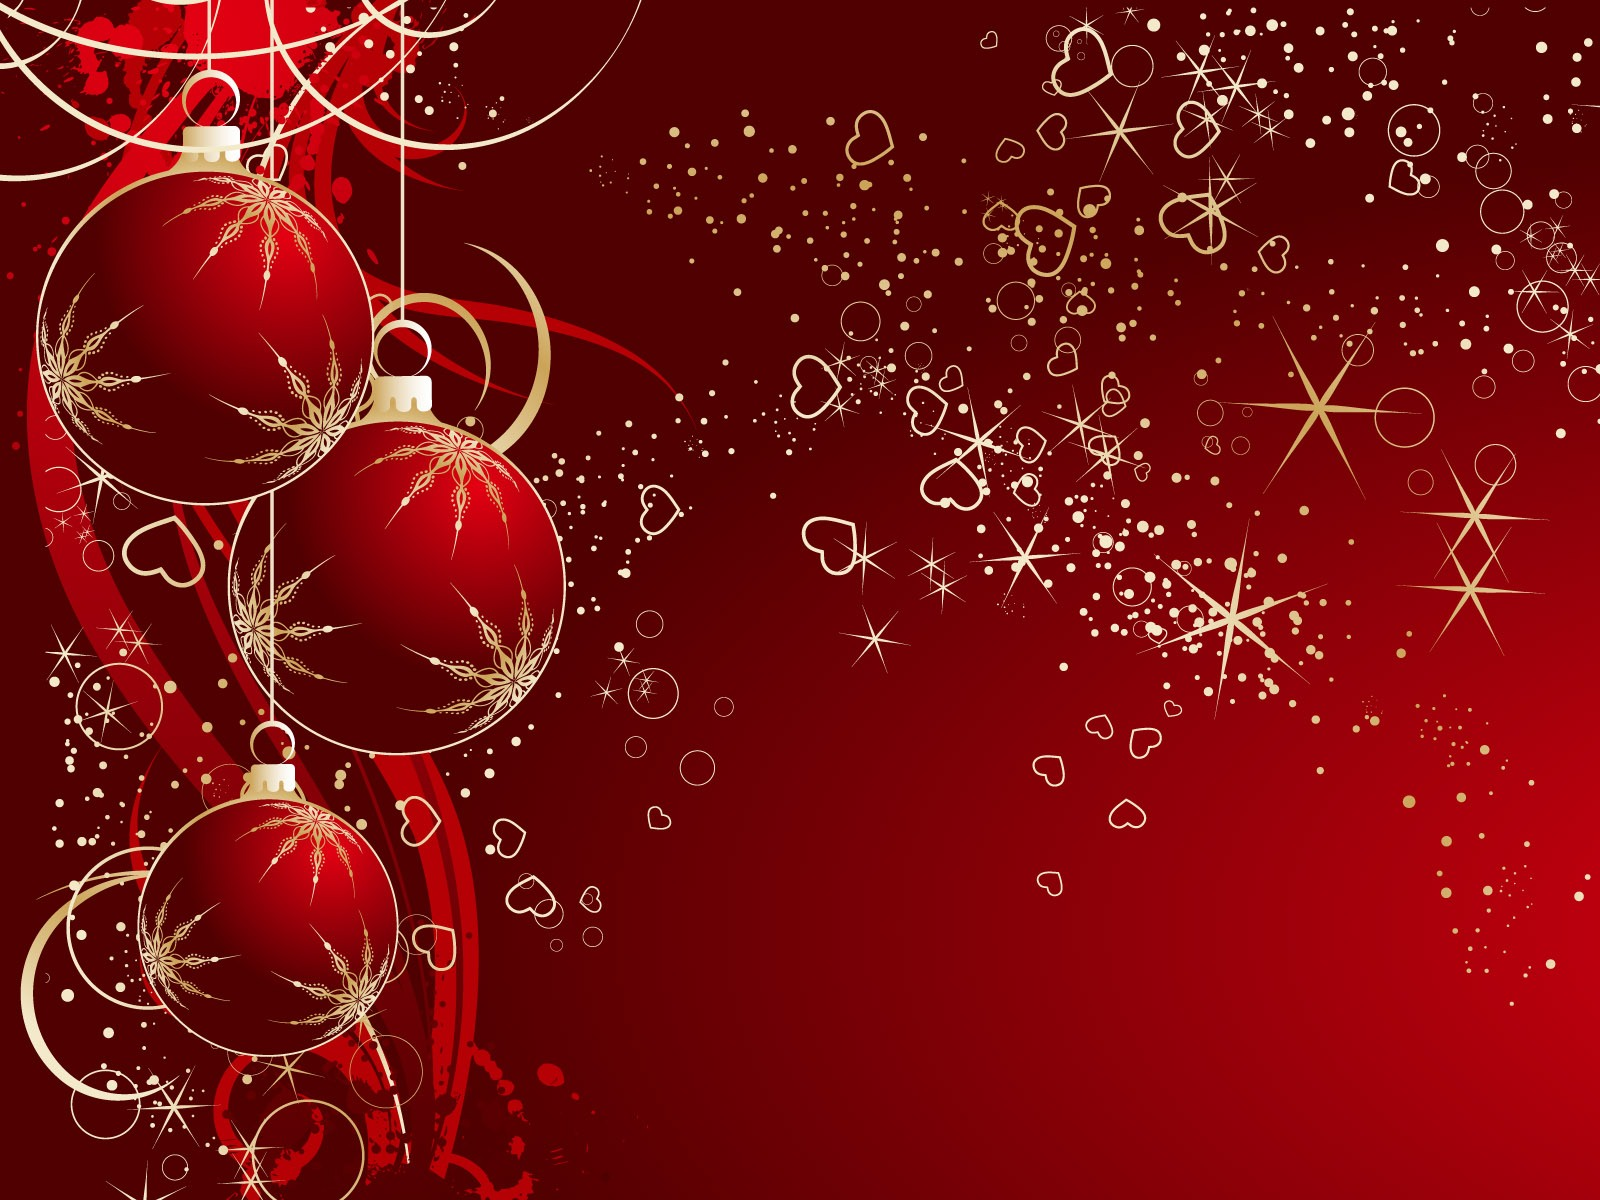 Christmas Wallpapers 1600x1200